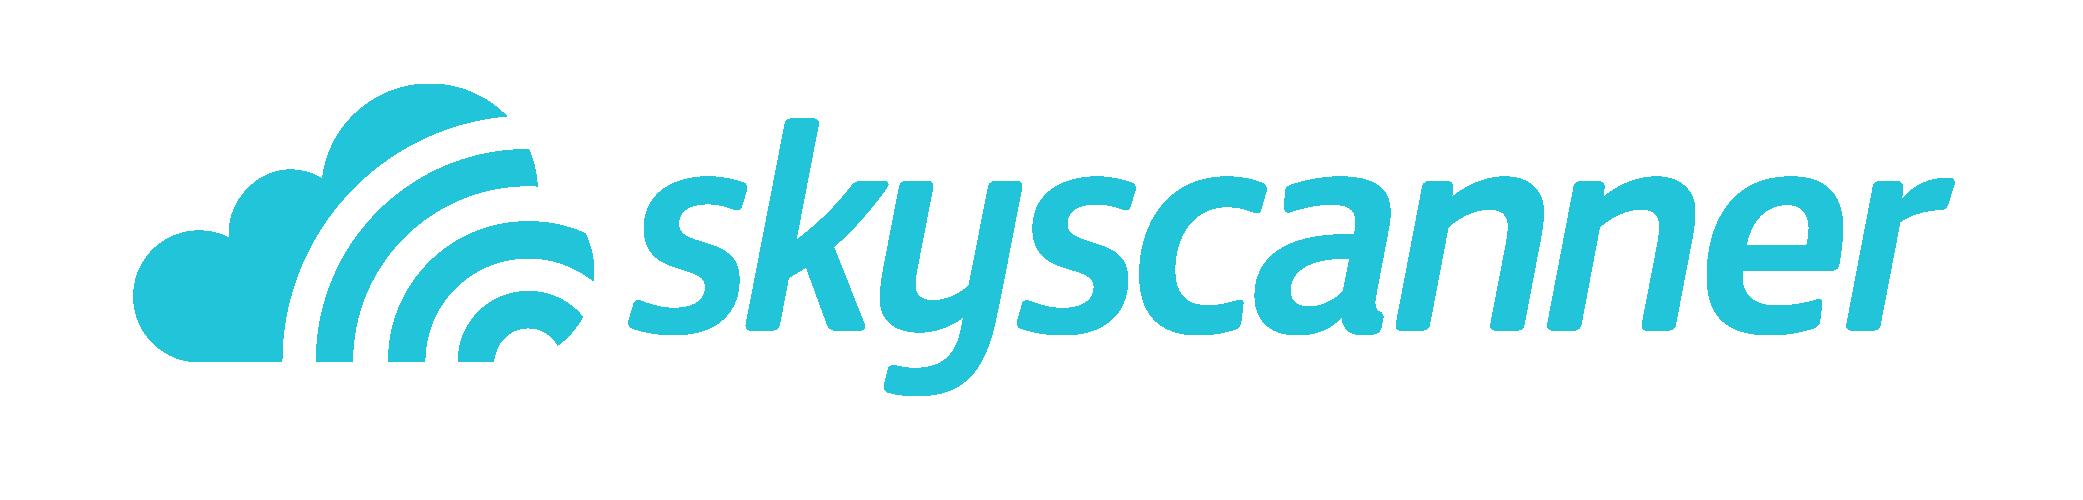 www.skyscanner.net